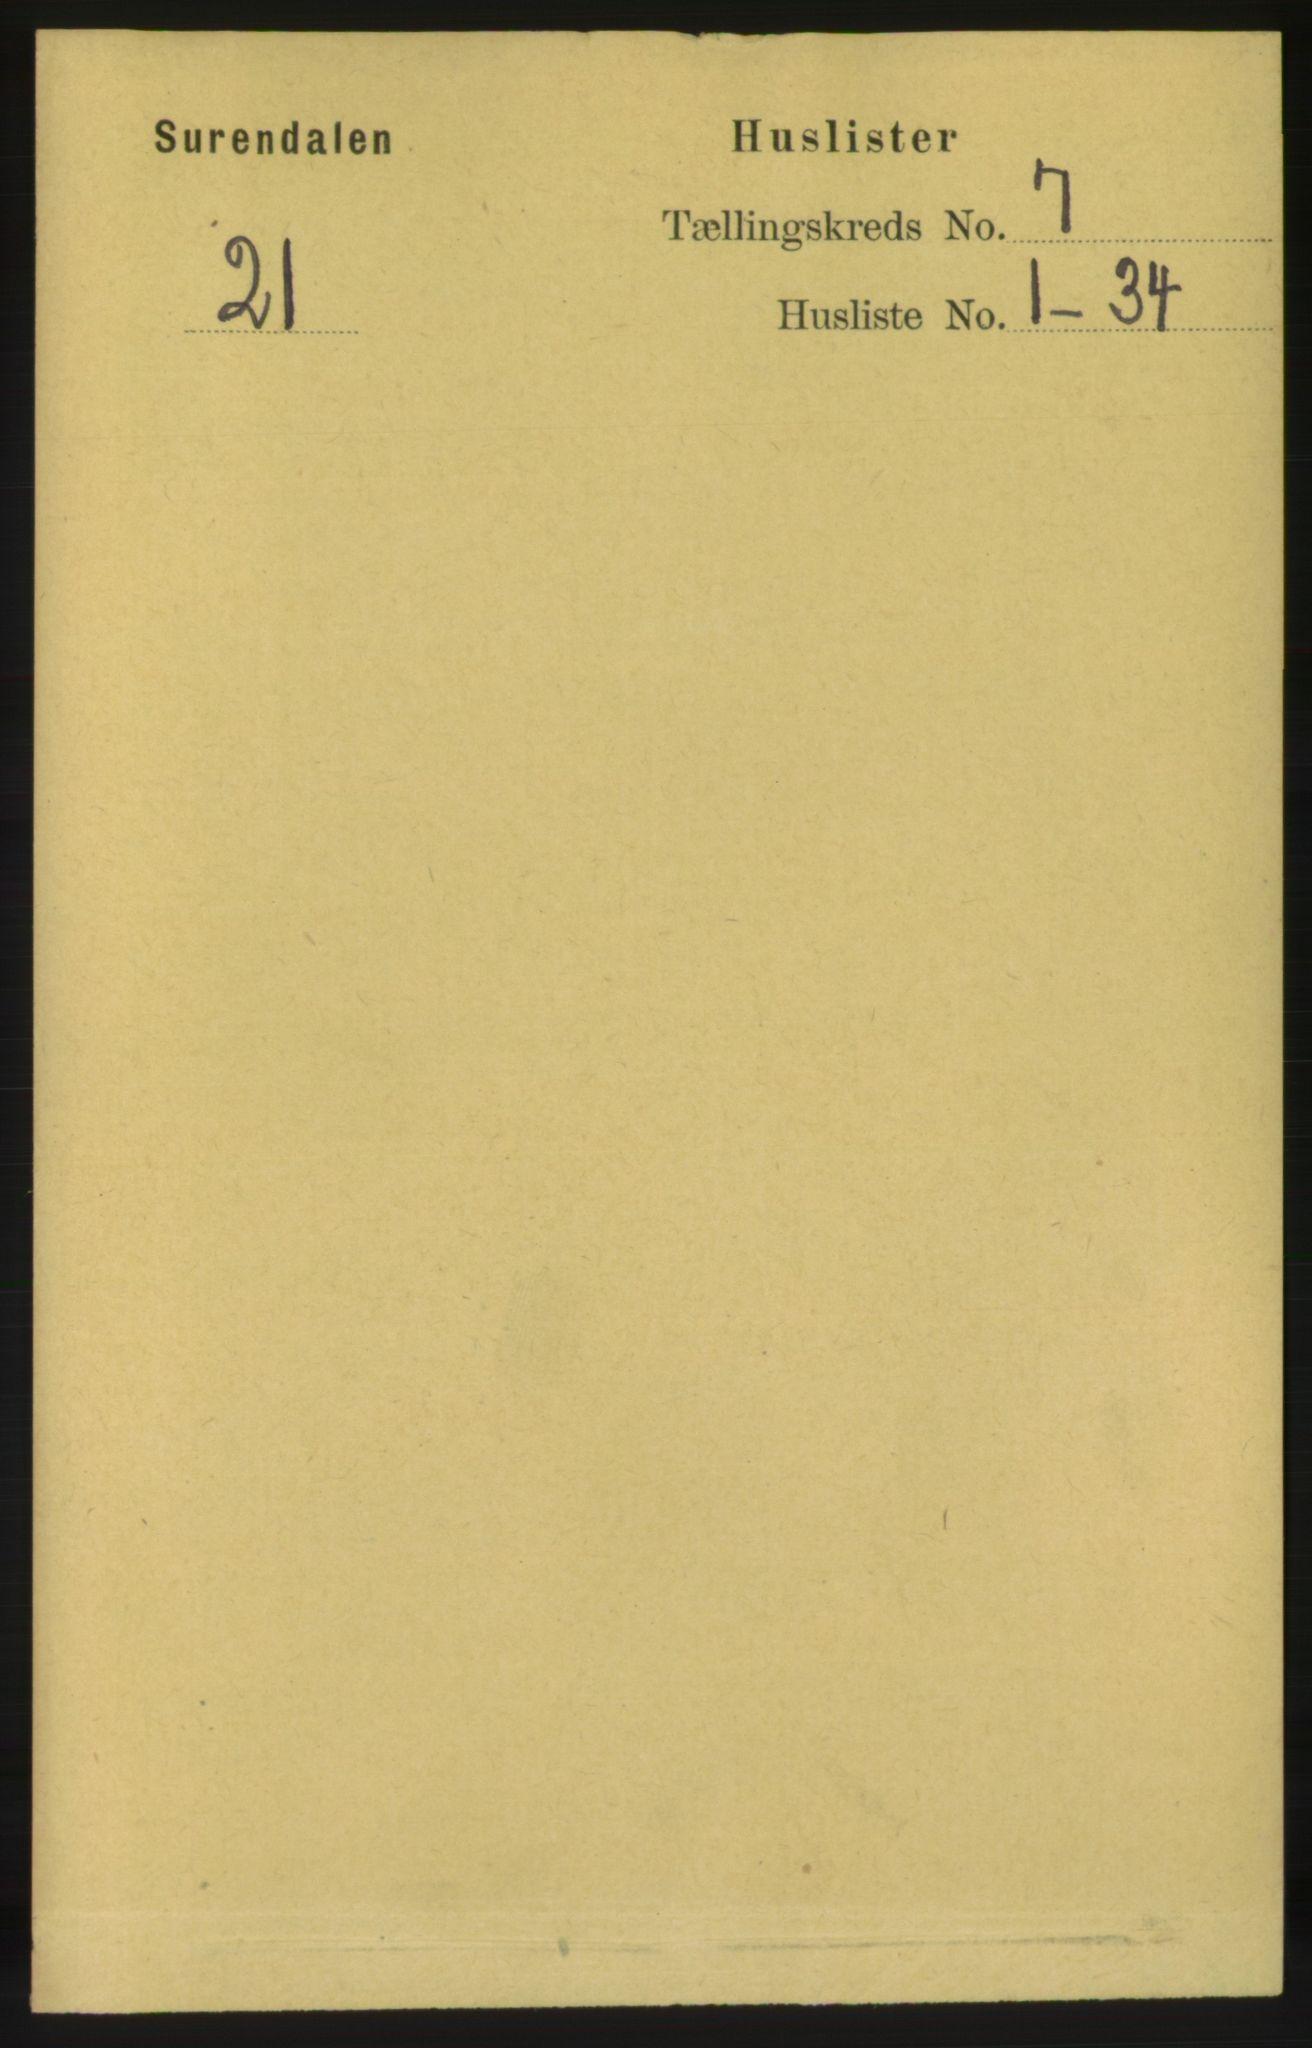 RA, Folketelling 1891 for 1566 Surnadal herred, 1891, s. 1808